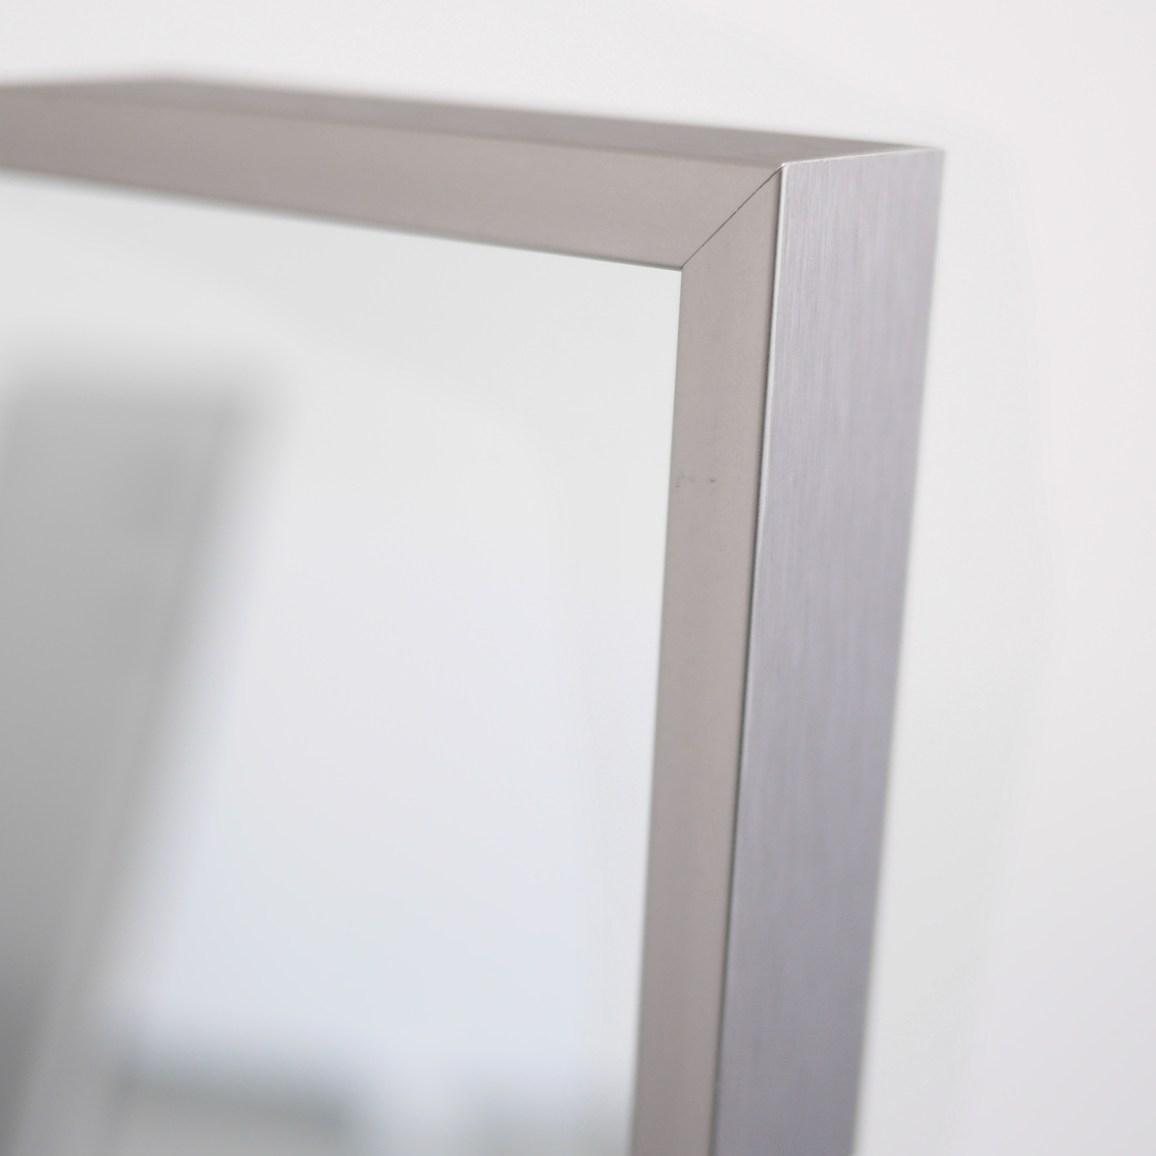 Der edle, dunkle Titanrahmen der Zipris Infrarotheizung Spiegel